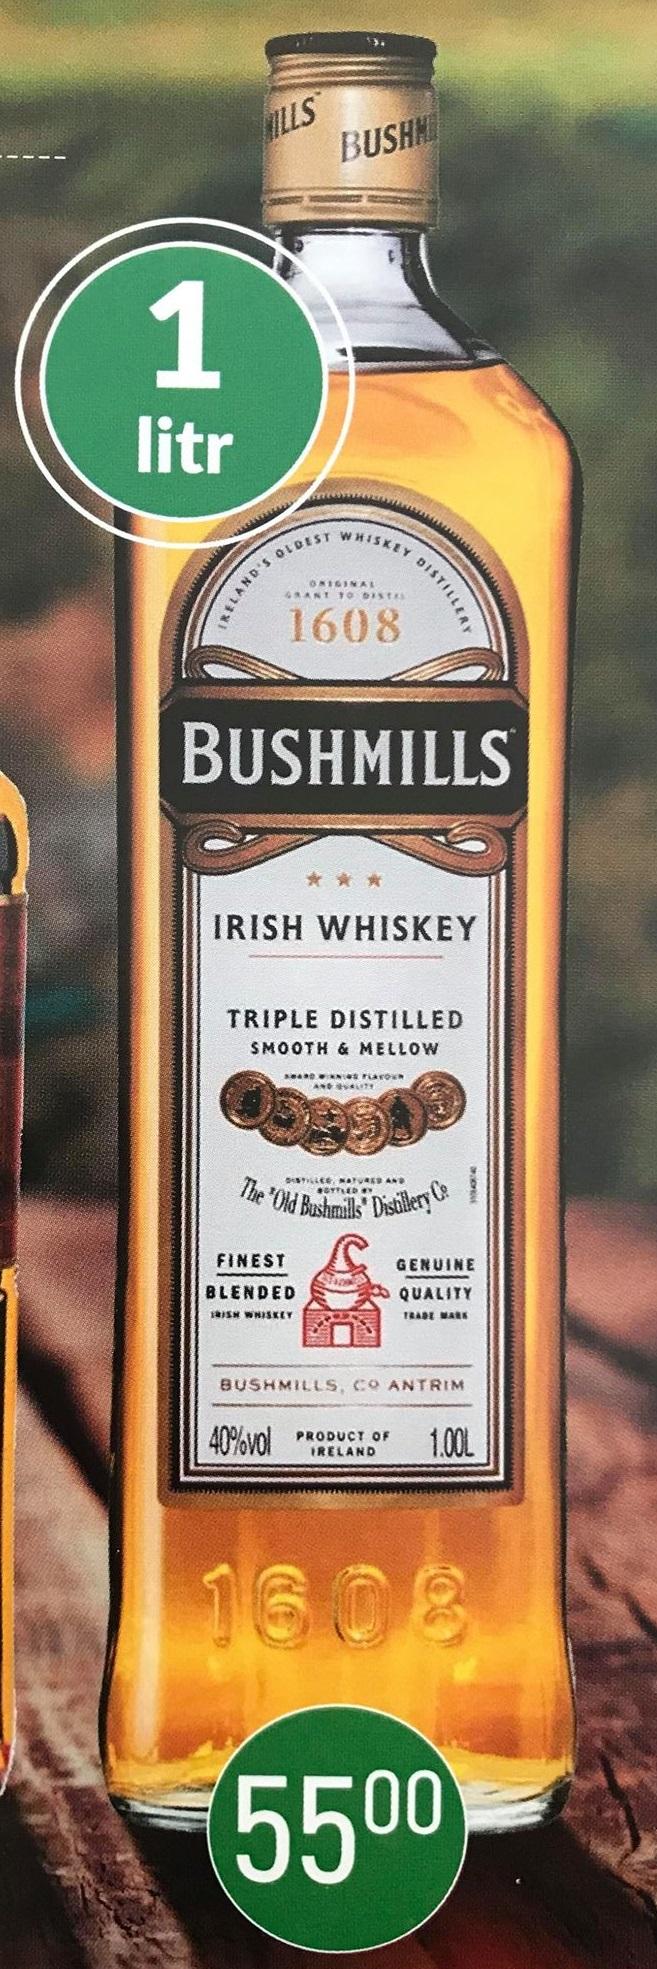 BUSHMILLS IRISH WHISKEY - 1 LITR. w cenie 55 zł Szczyrba Alkohole Mikołów